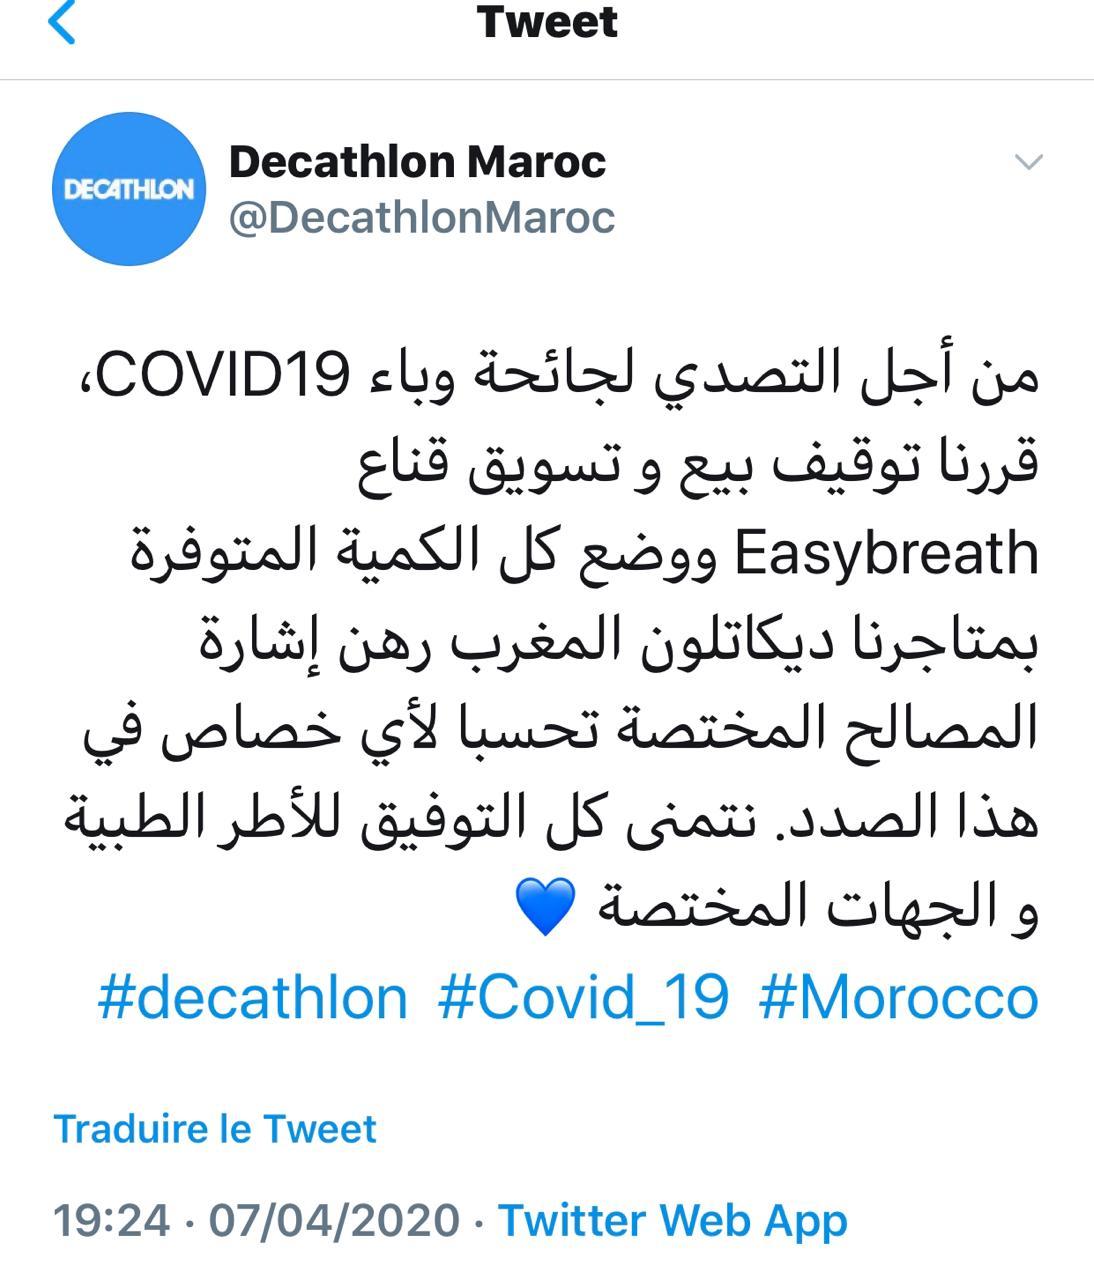 Le tweet généreux de Décathlon